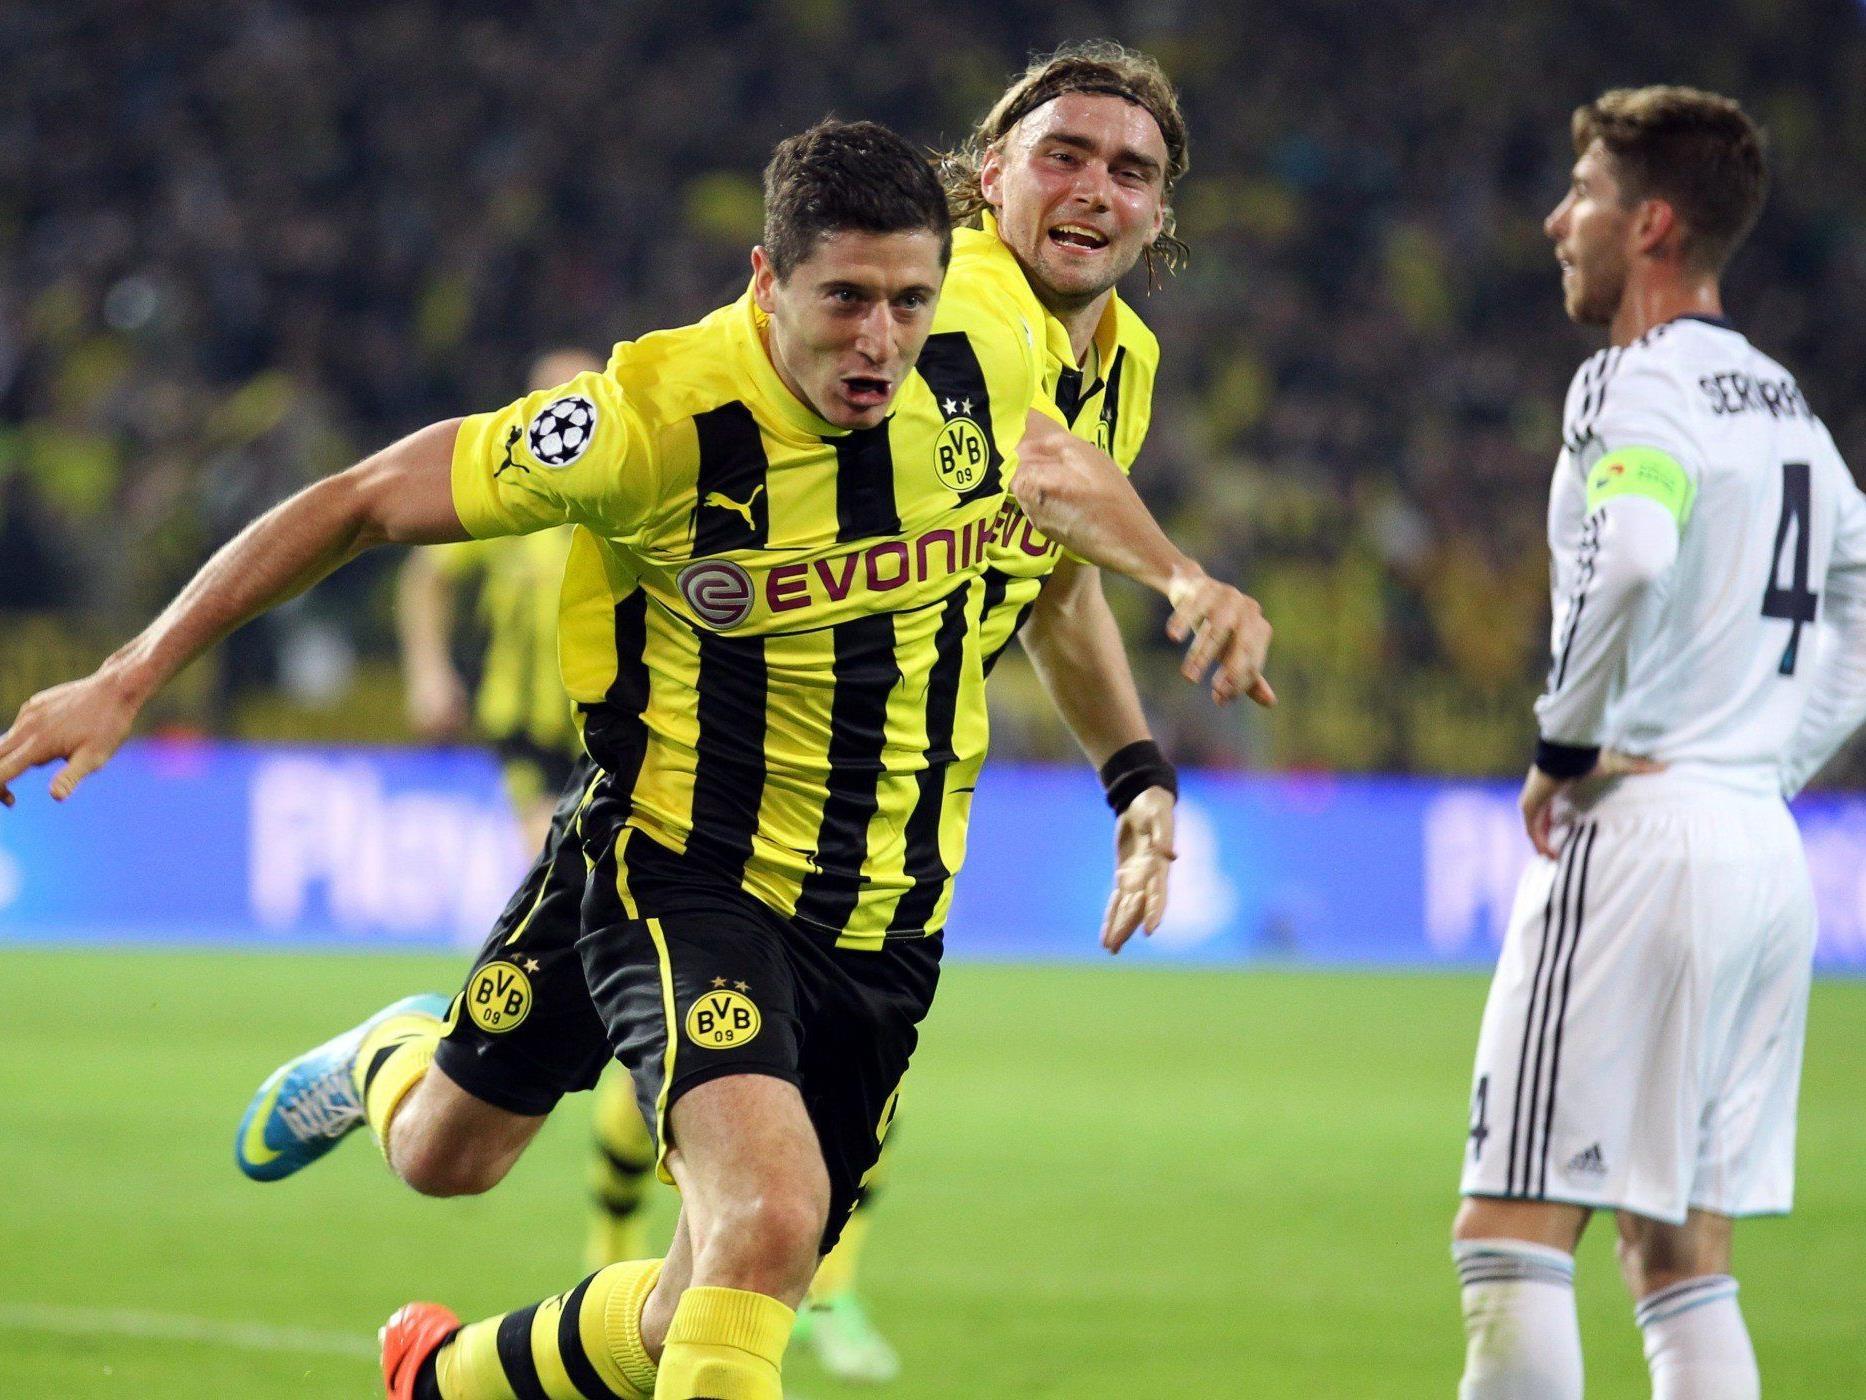 Gerüchte um Lewandowski-Wechsel nehmen kein Ende - Bayern dementiert, keine Stellungnahme von Dortmund.